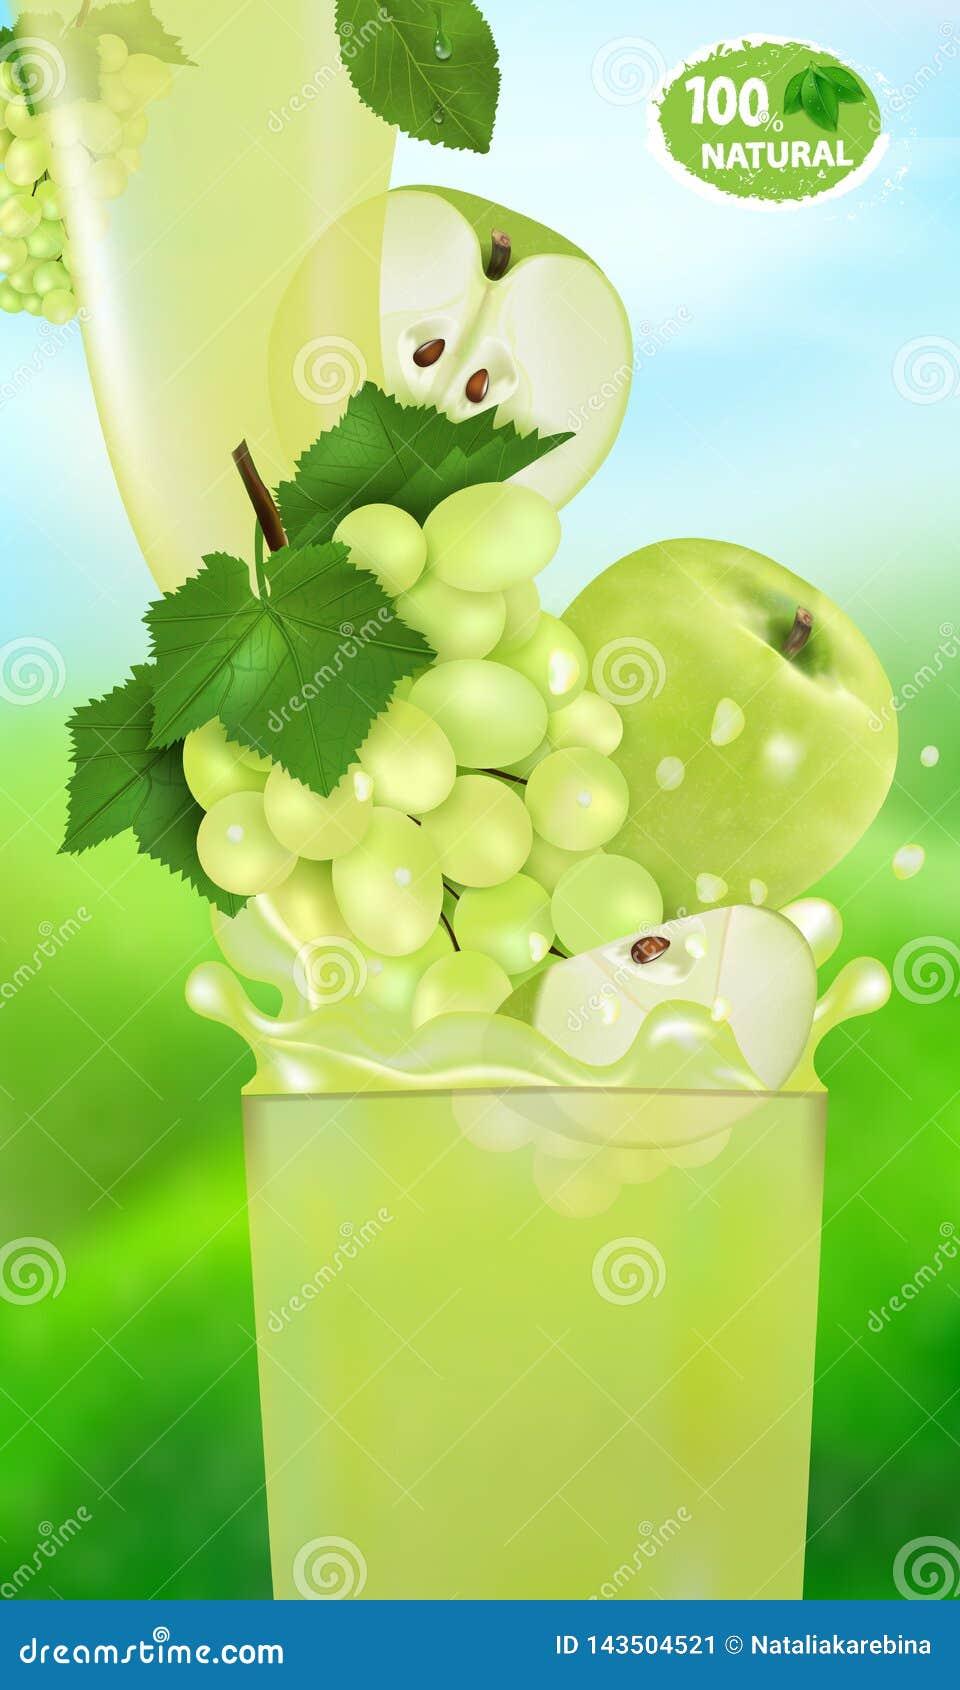 Verse sapdruif en Apple met plons Stroom van vloeistof met dalingen en zoete fruit 3d realistische vectorillustratie op